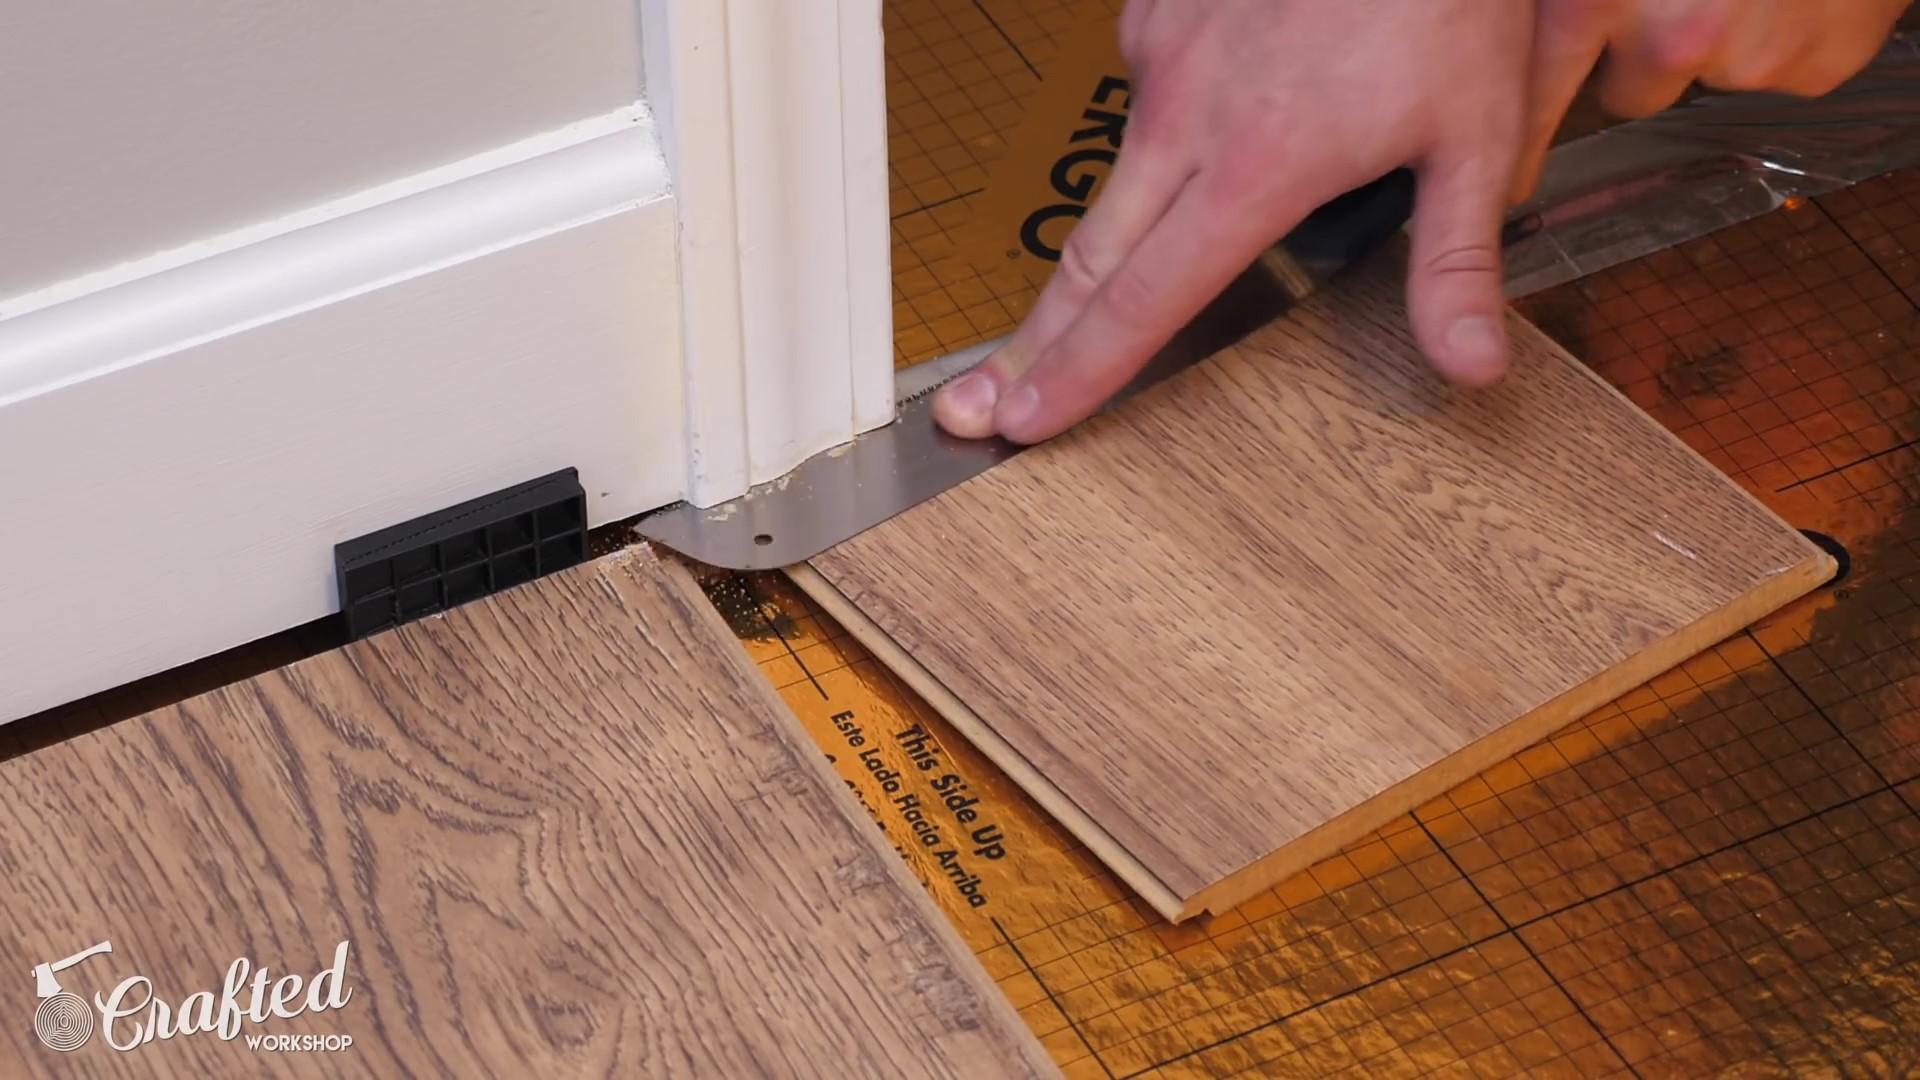 Undercutting Door Trim